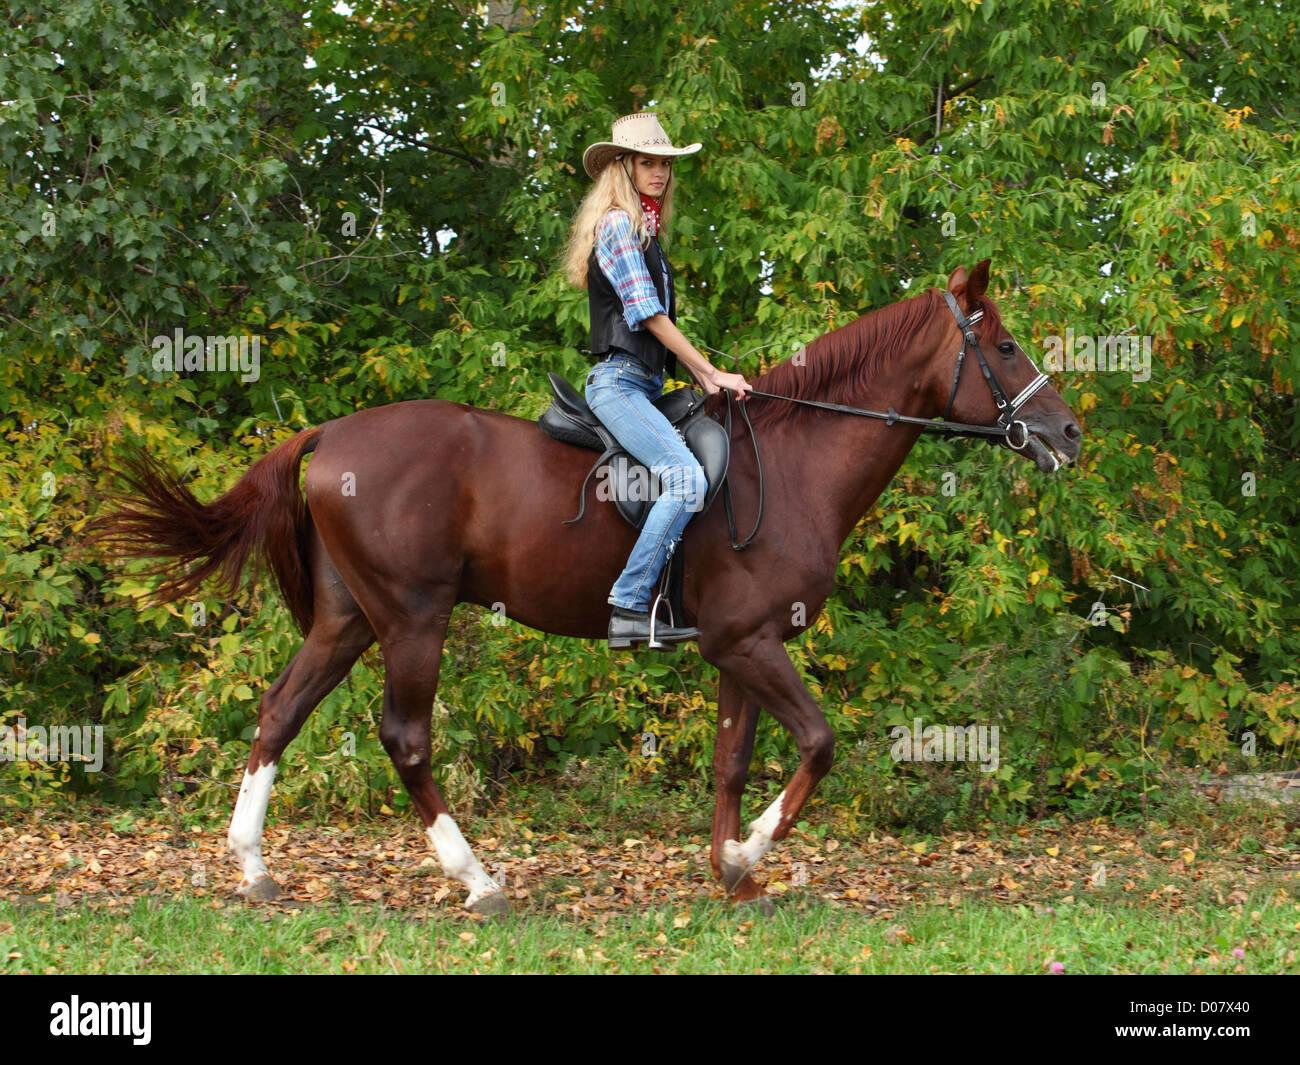 Glücklich Cowgirl auf braunen Pferd Stockfoto